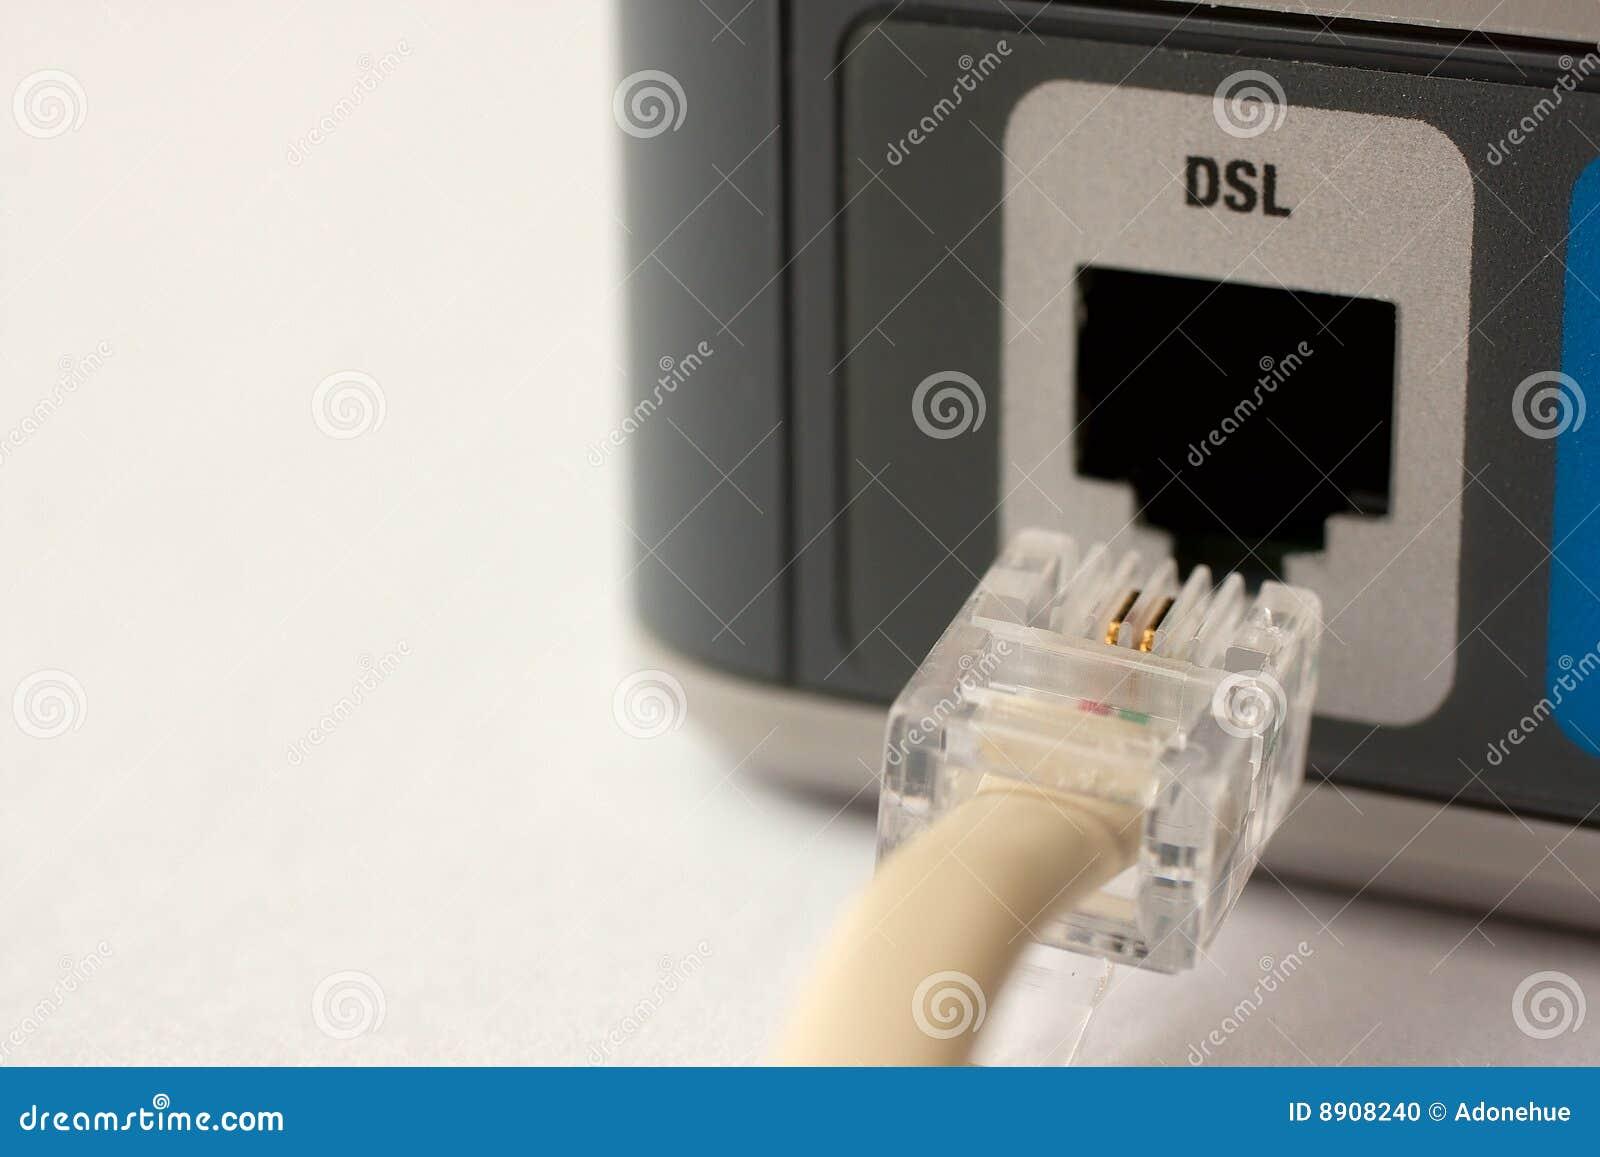 Dosięgać Dsl modem dosięga